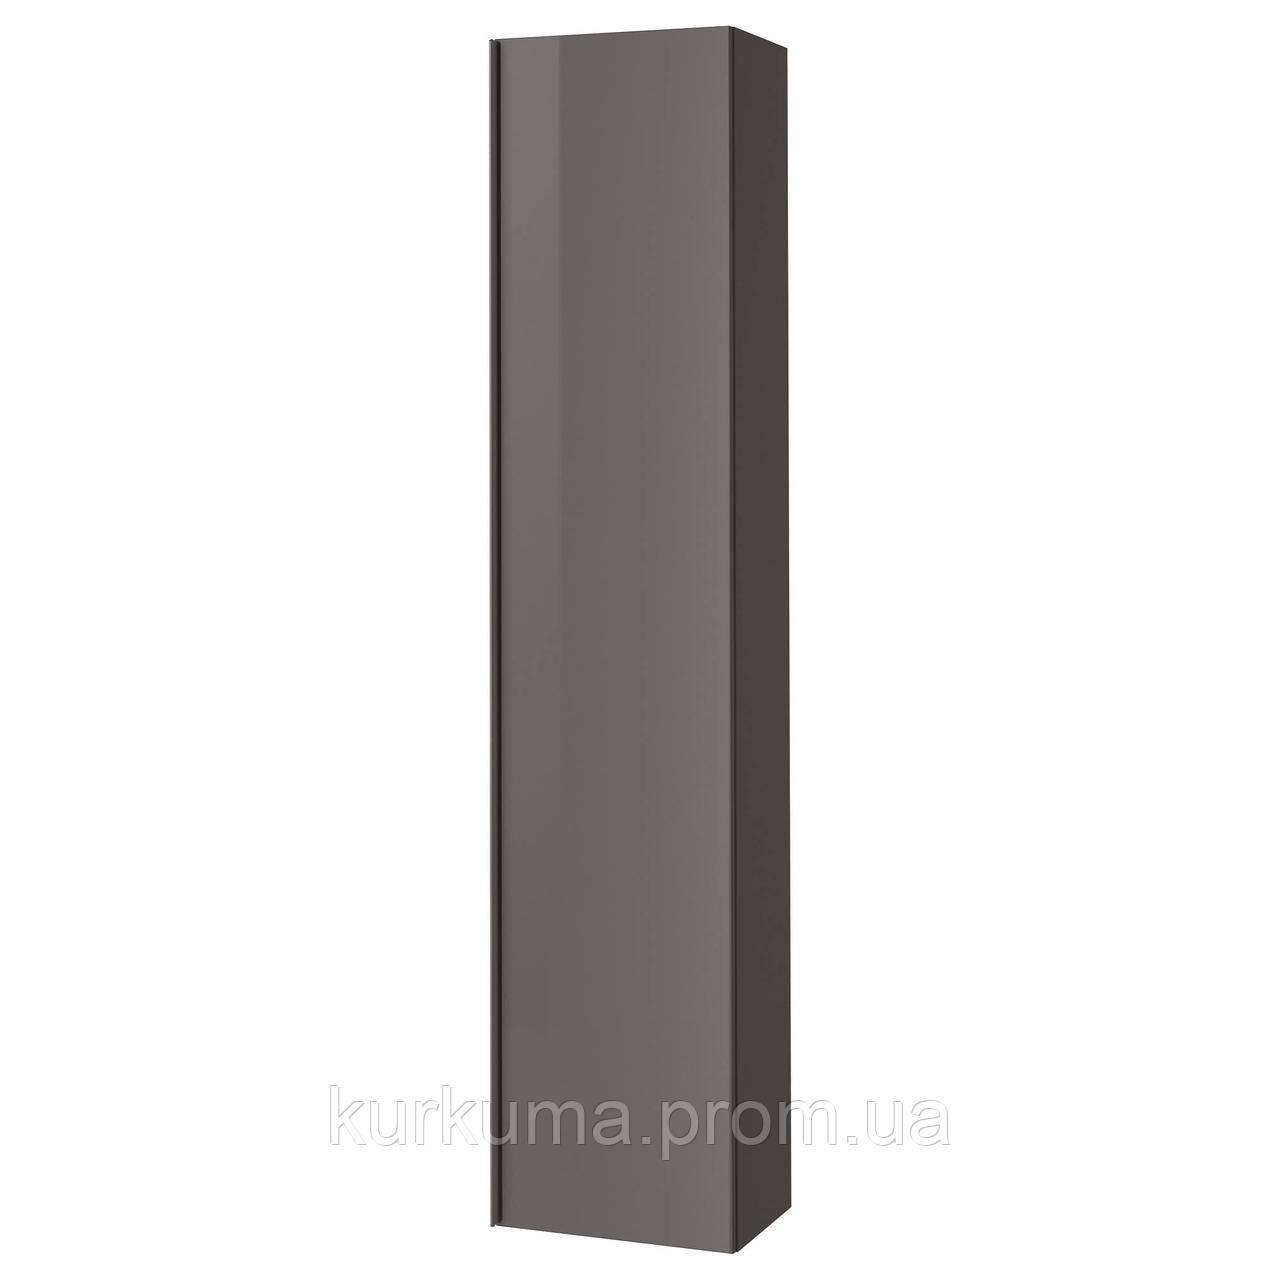 IKEA GODMORGON Высокий шкаф, глянцевый серый  (303.440.63)